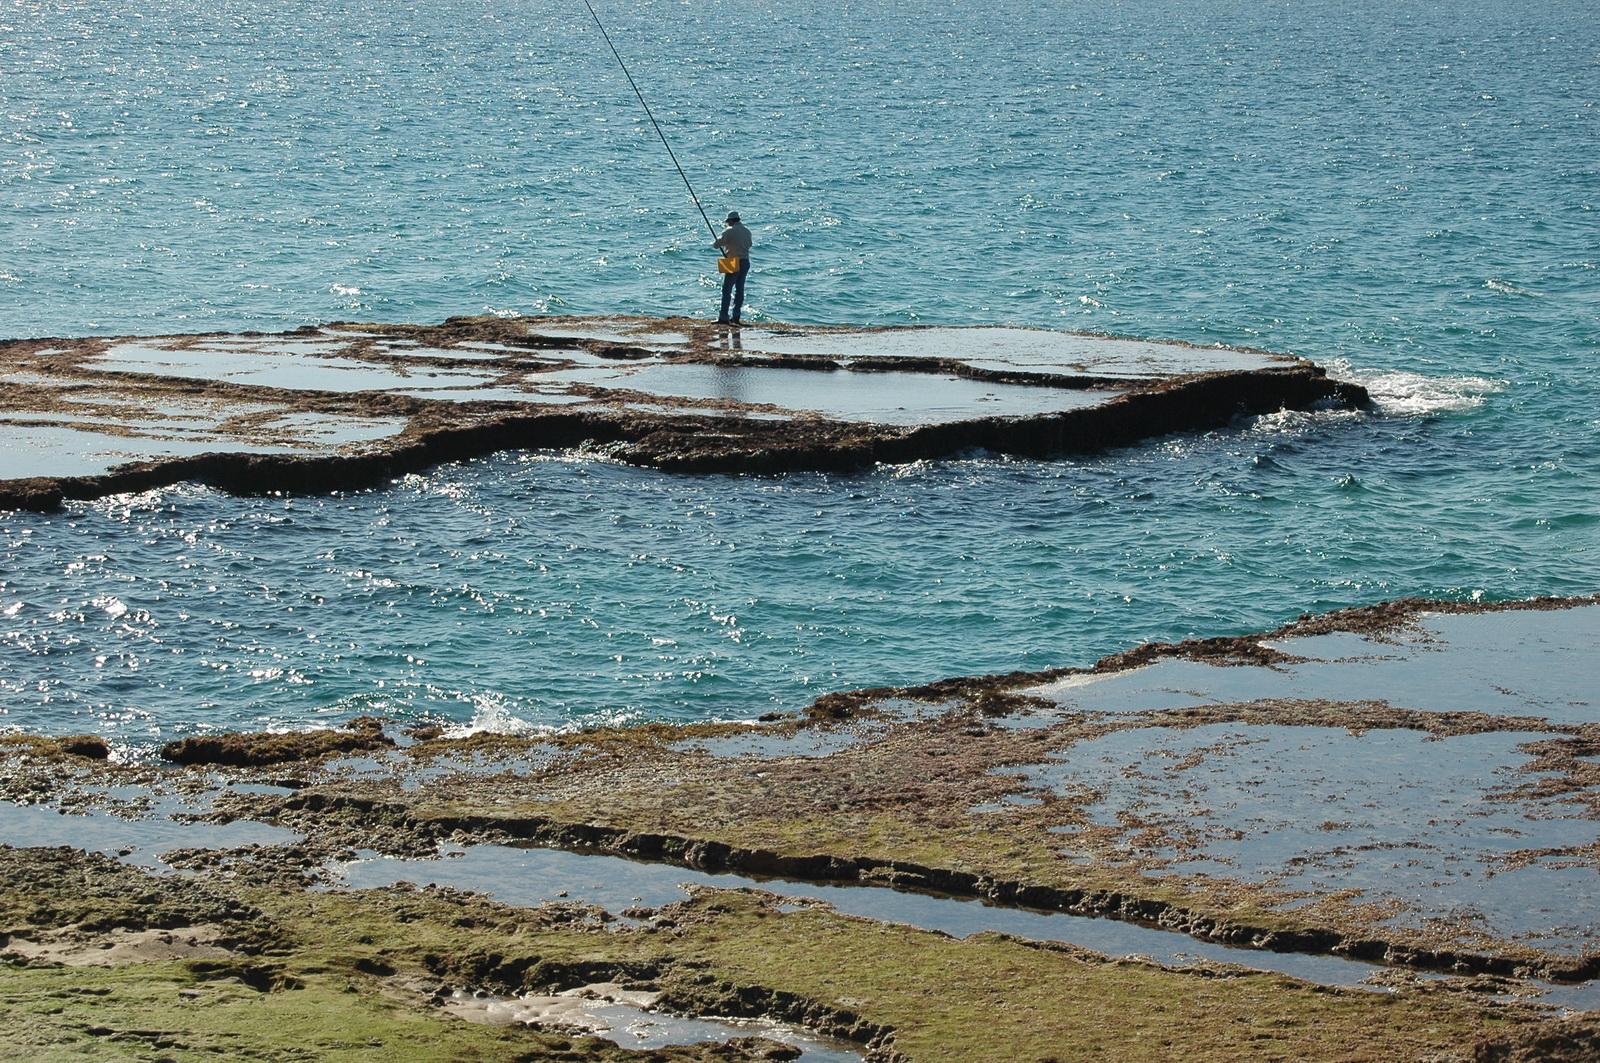 דייג בחוף אכזיב